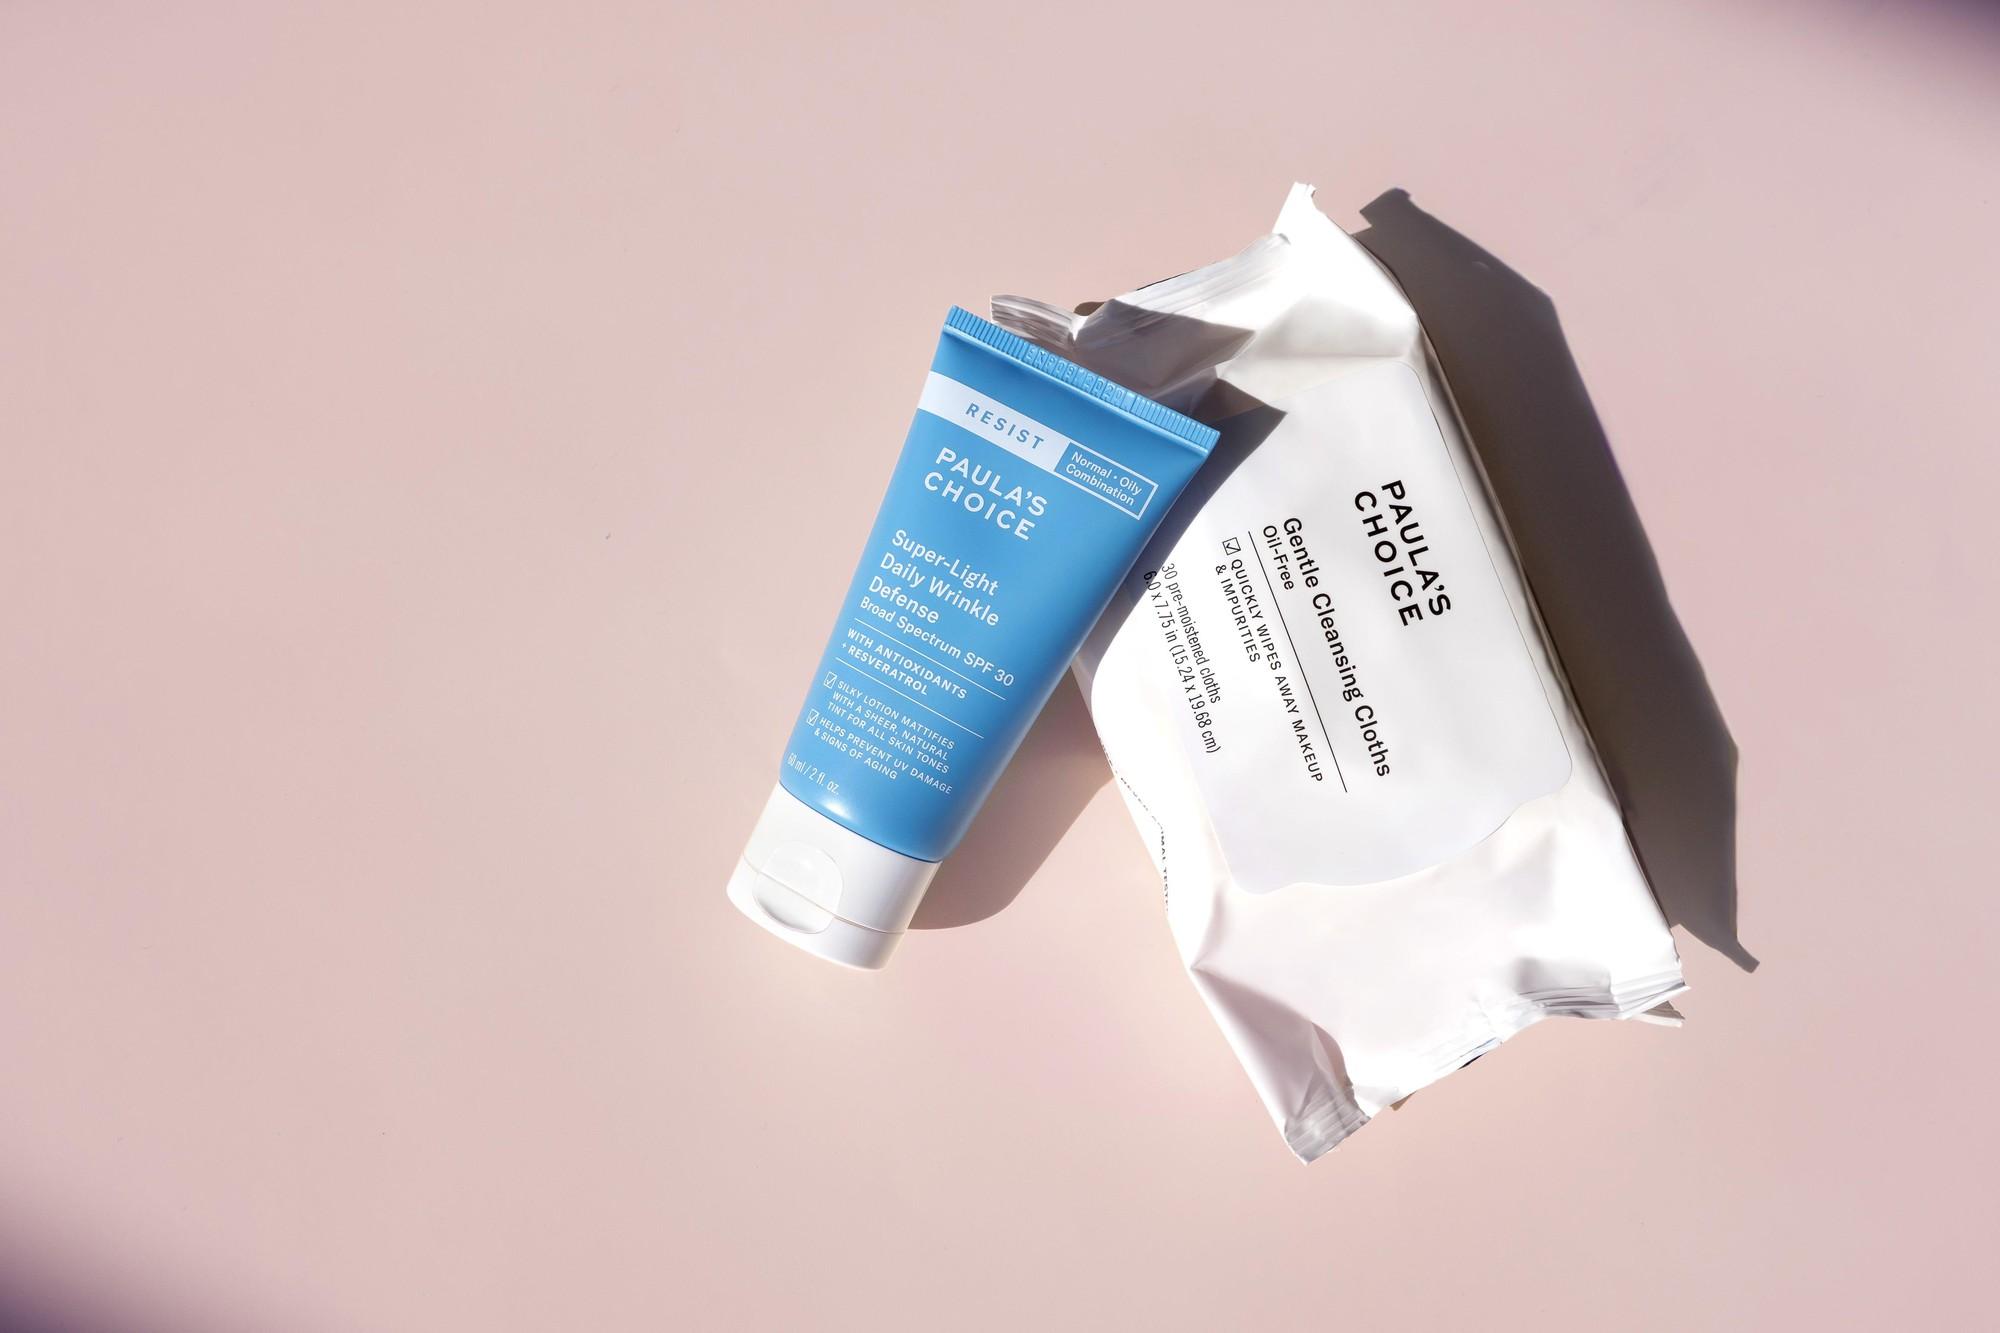 Tối giản quy trình chăm sóc da nhưng luôn cần giữ lại kem chống nắng - Ảnh 4.